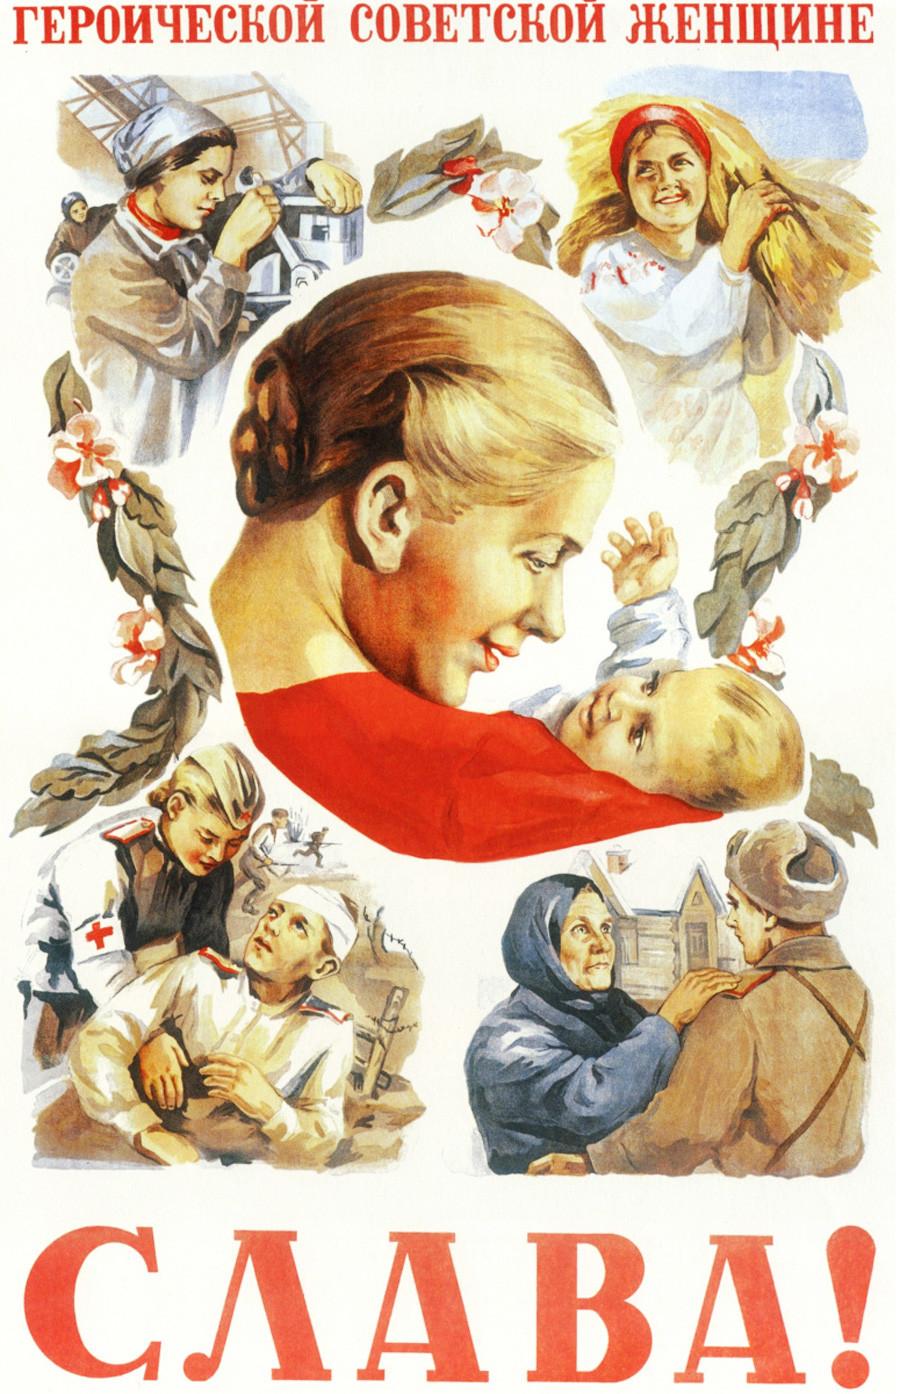 6. Gloria a la heroica mujer soviética.